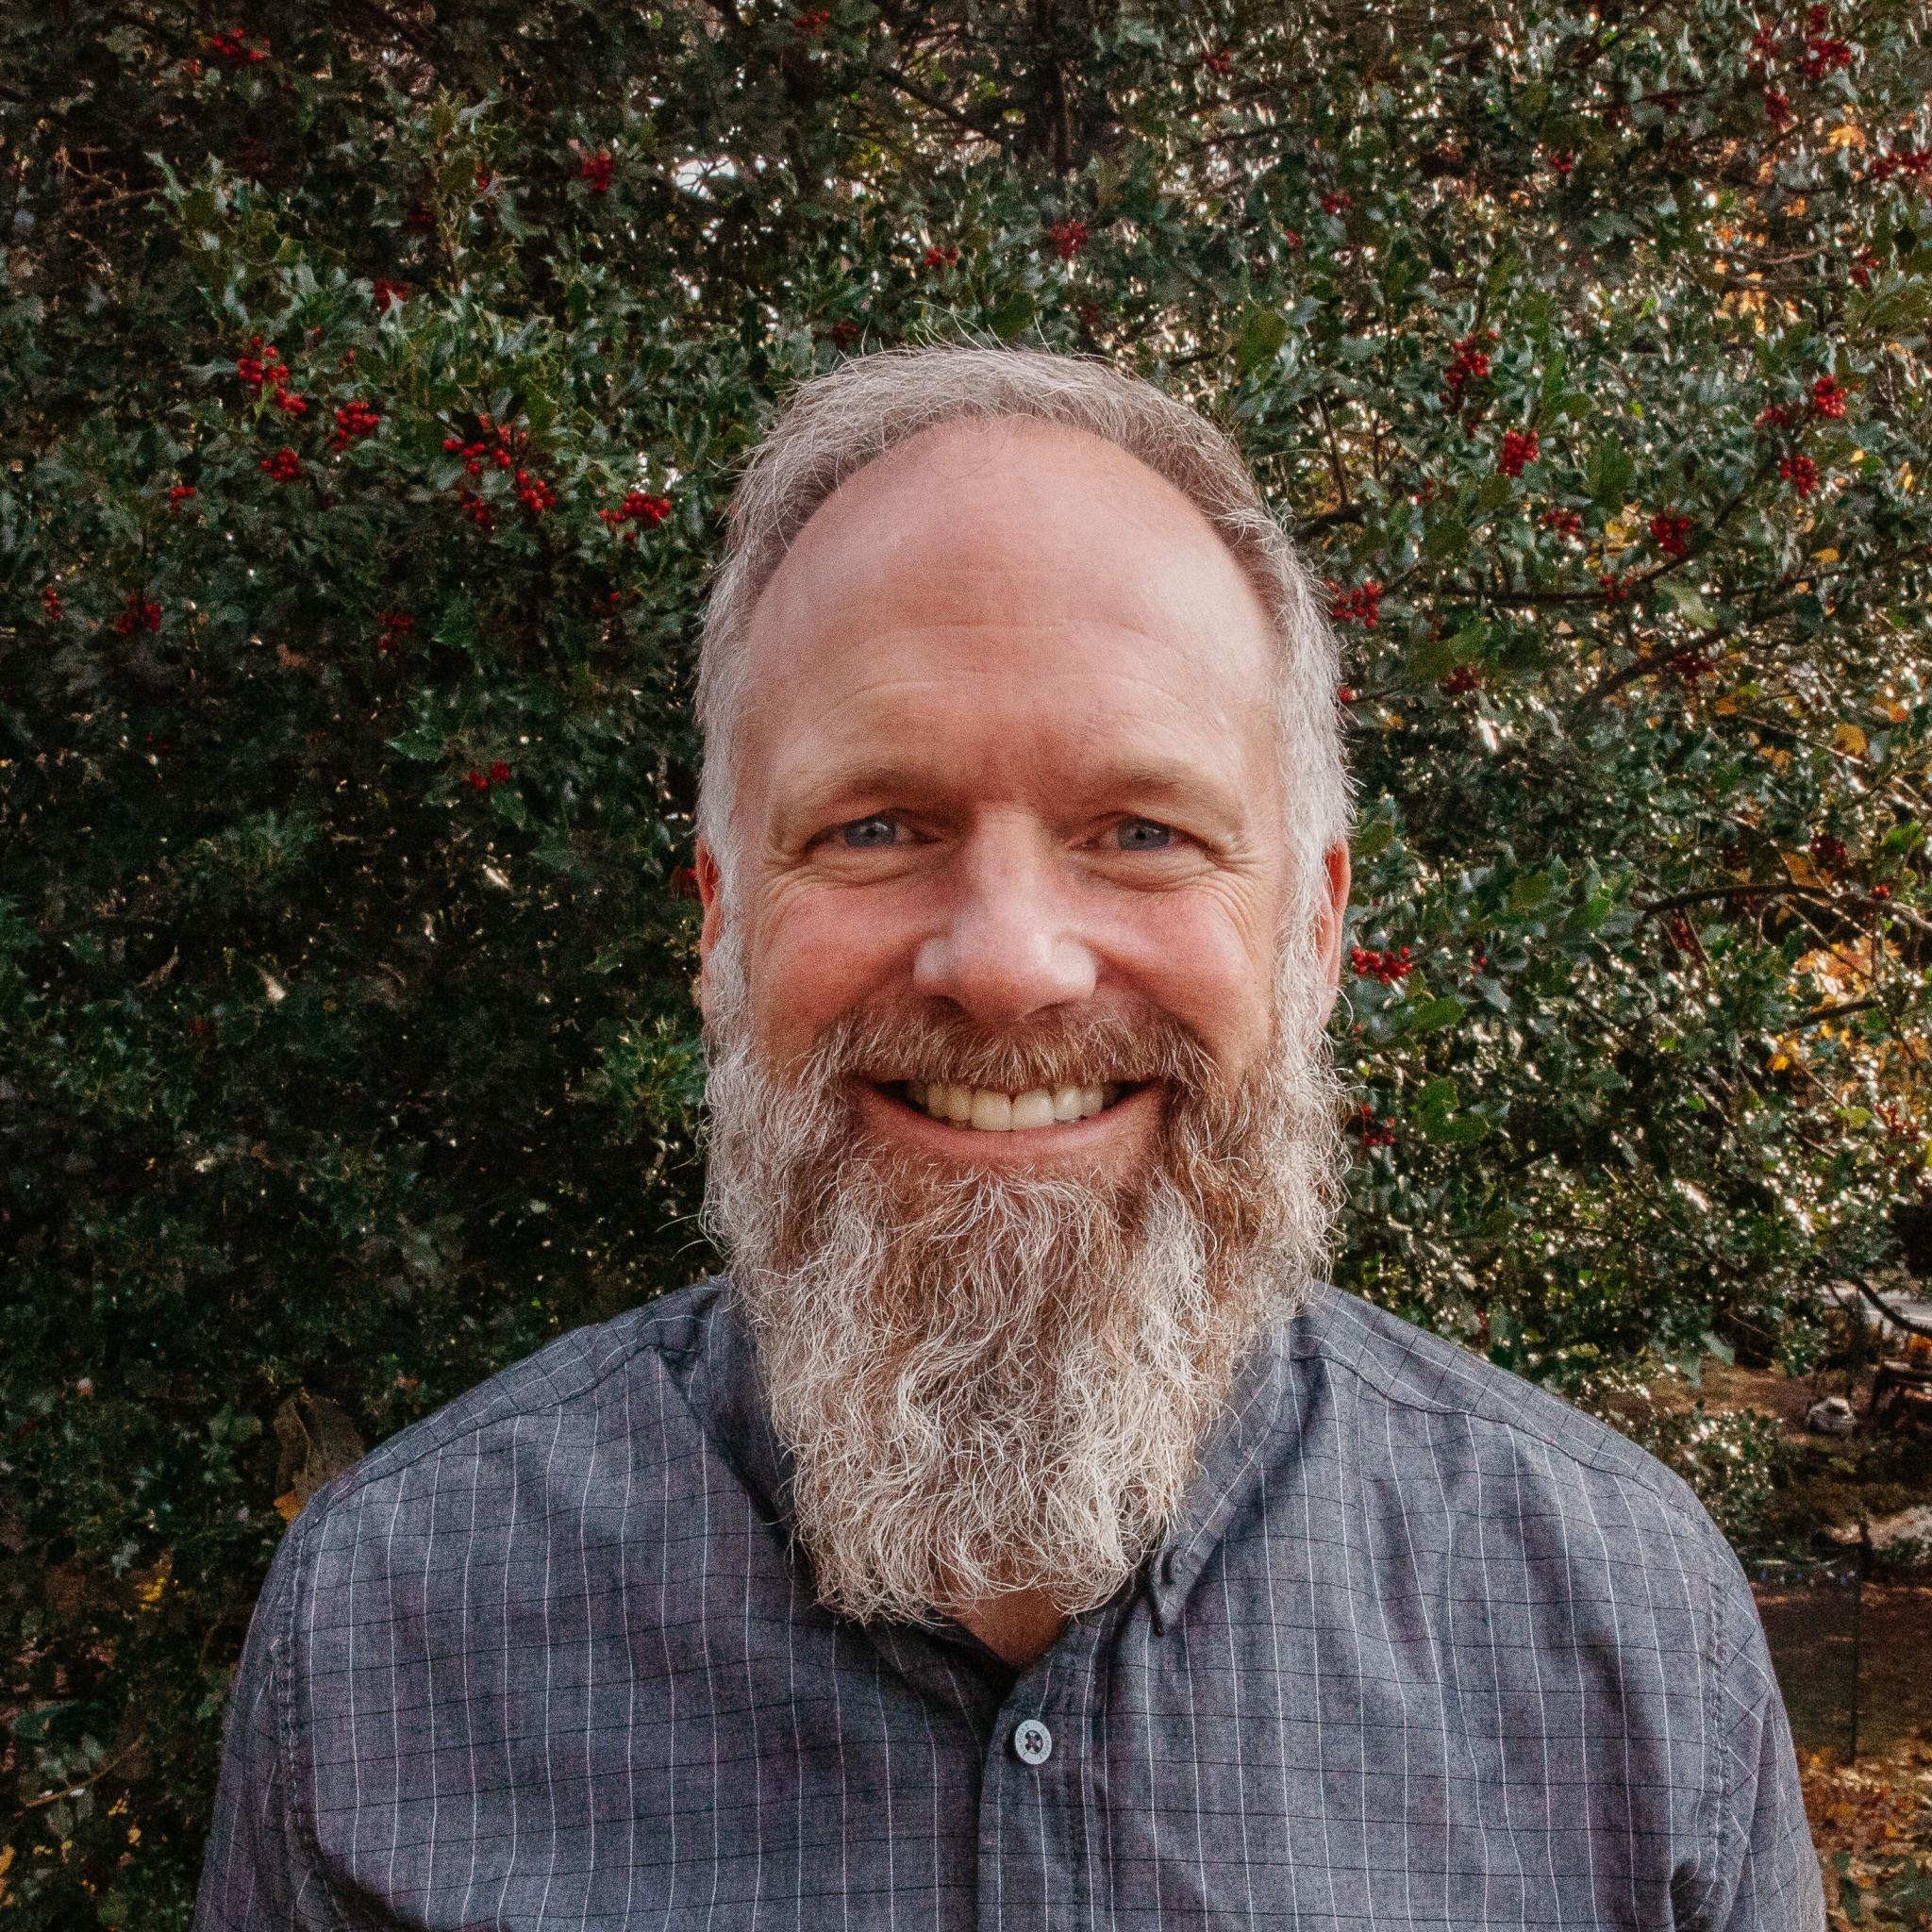 Brad Perron